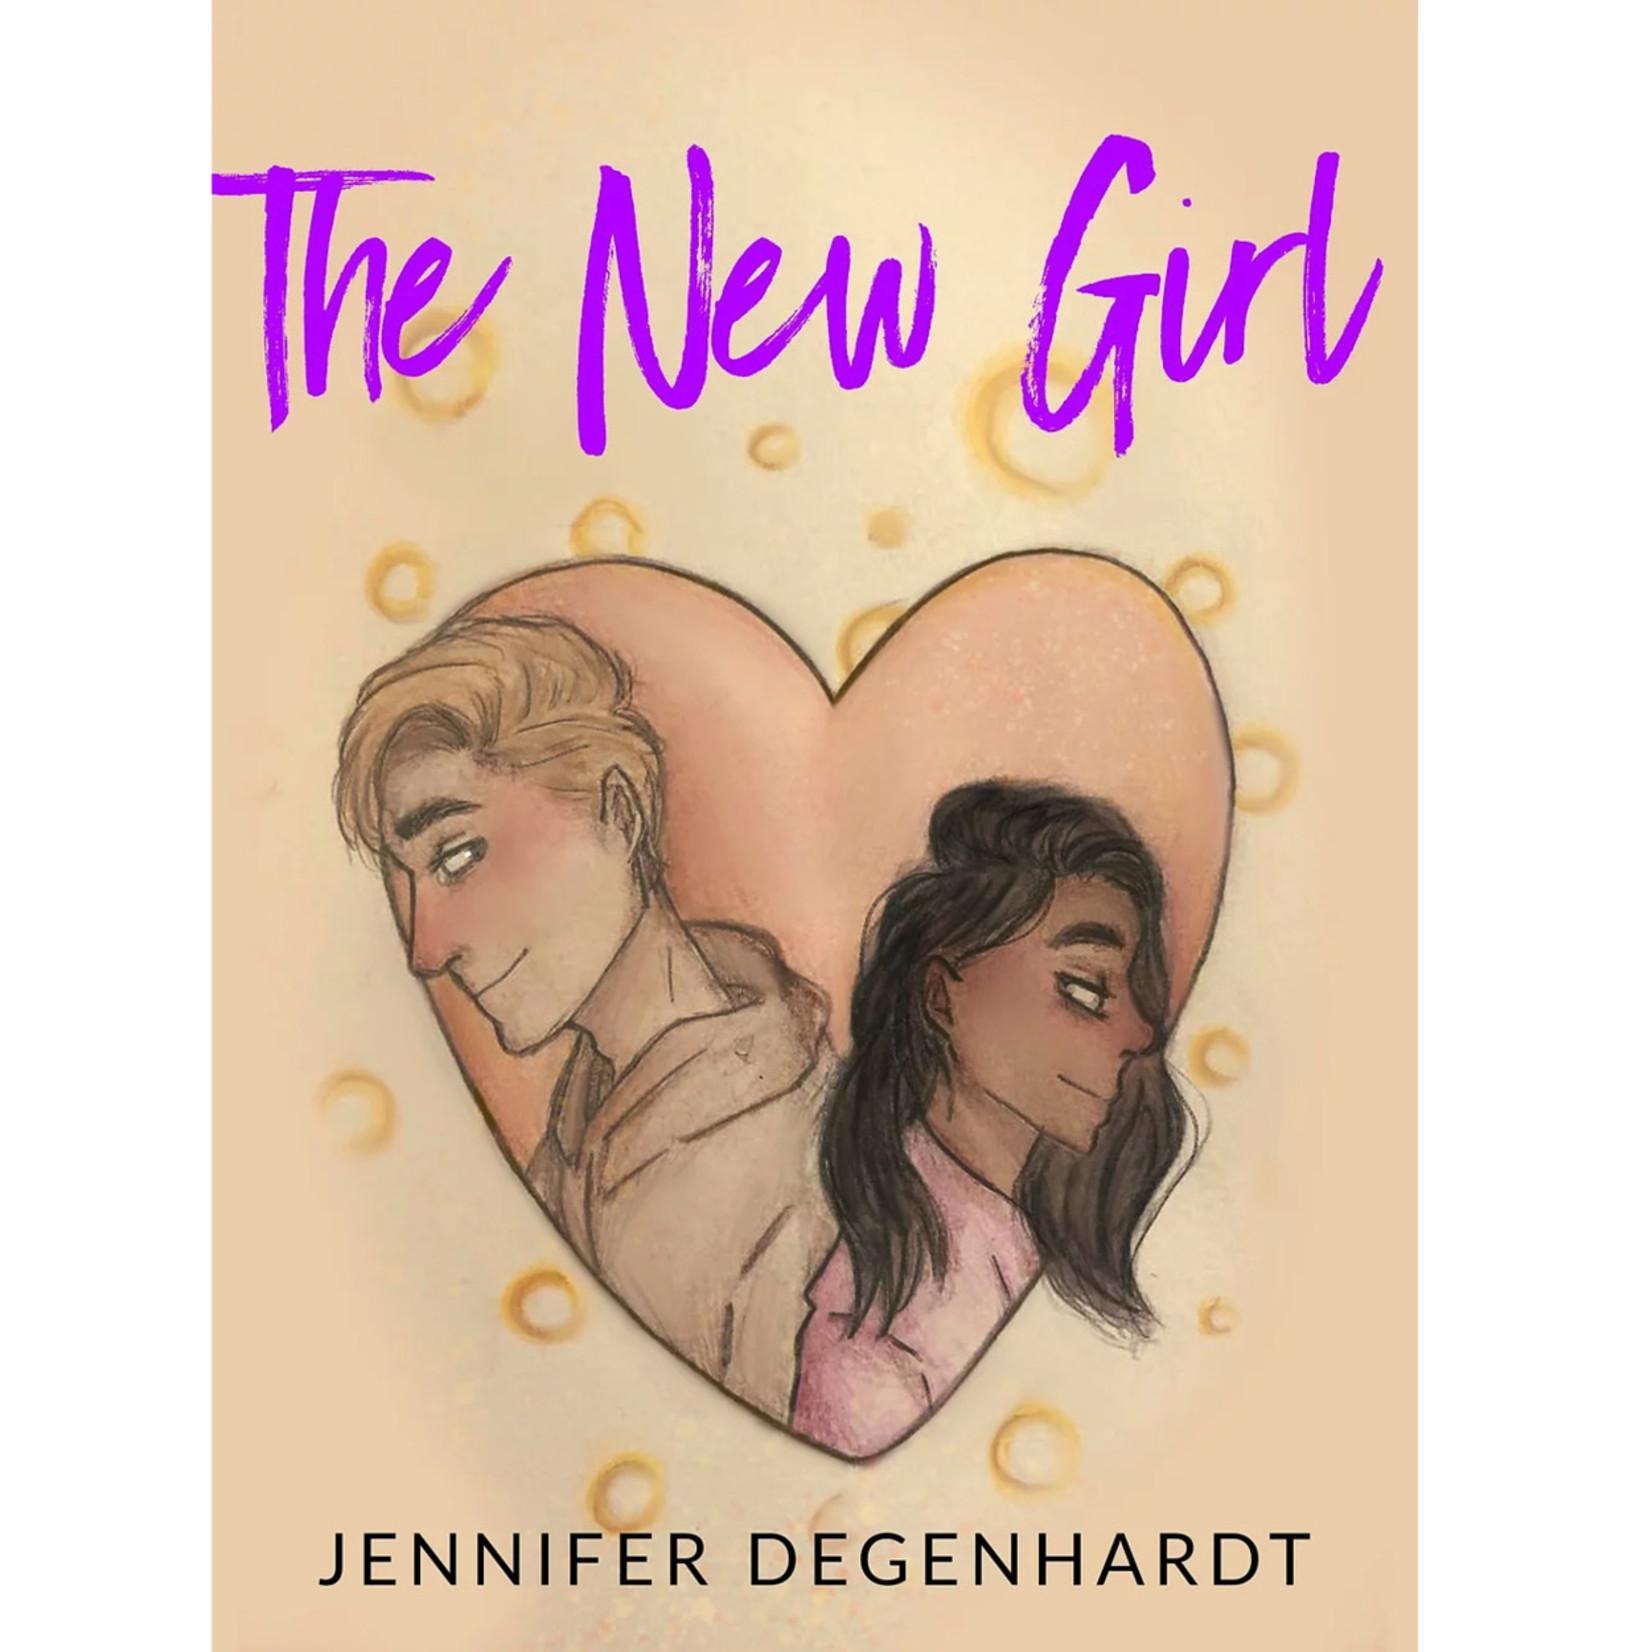 Jennifer Degenhardt The new girl